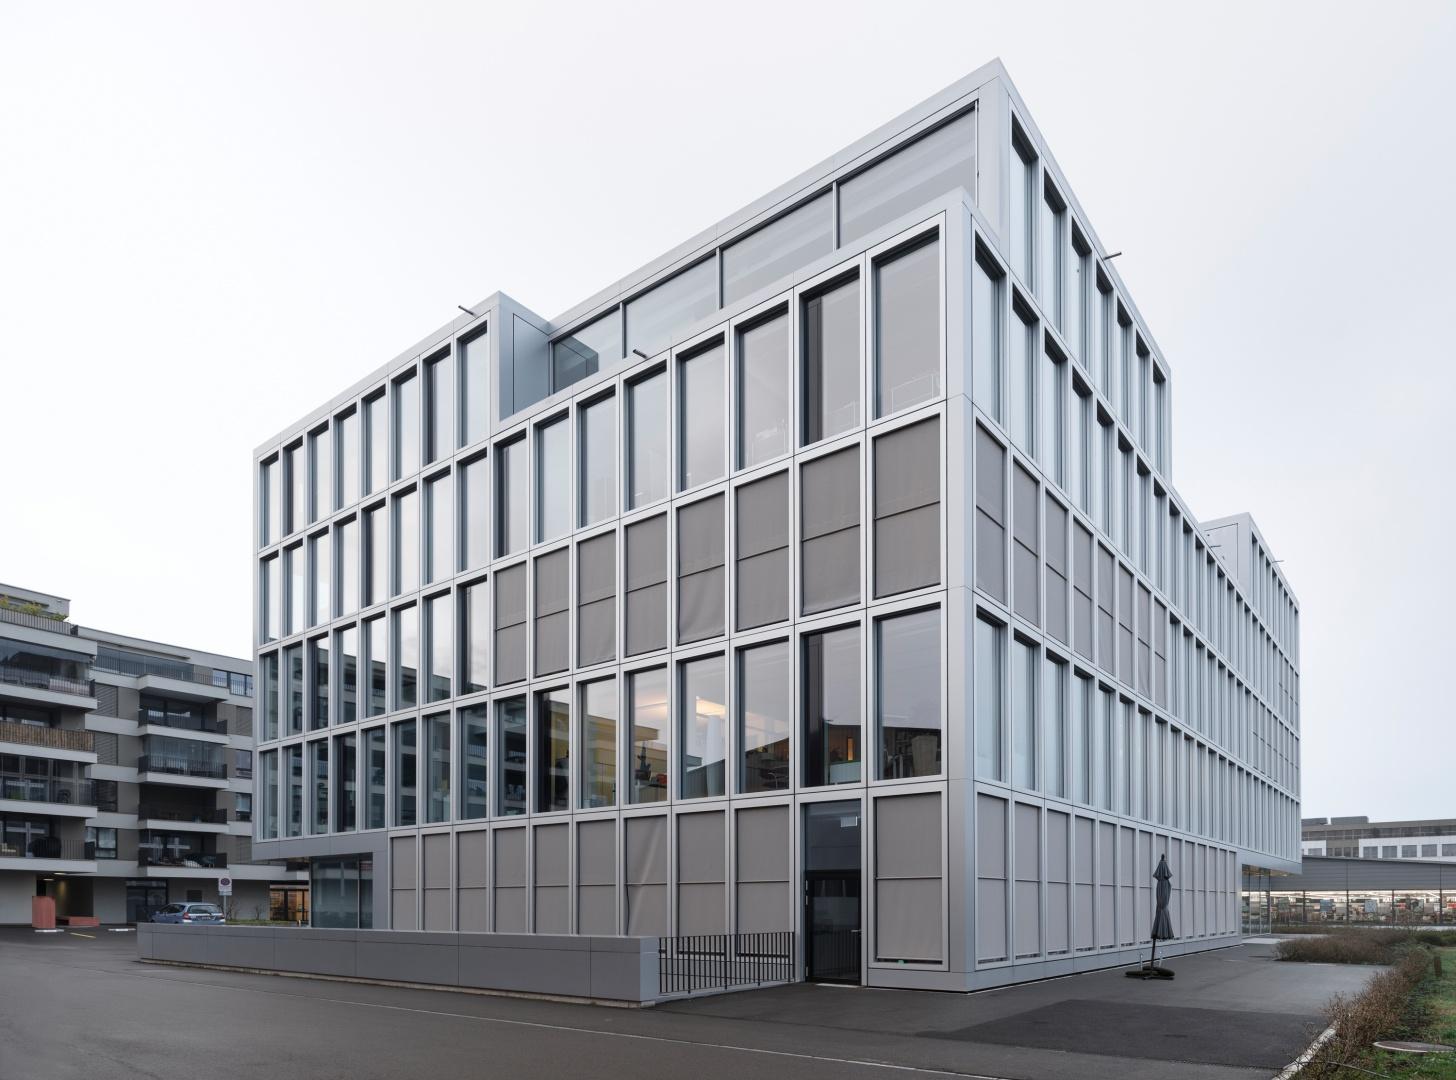 Fassade zur Bahn © Ulrich Stockhaus, Zürich